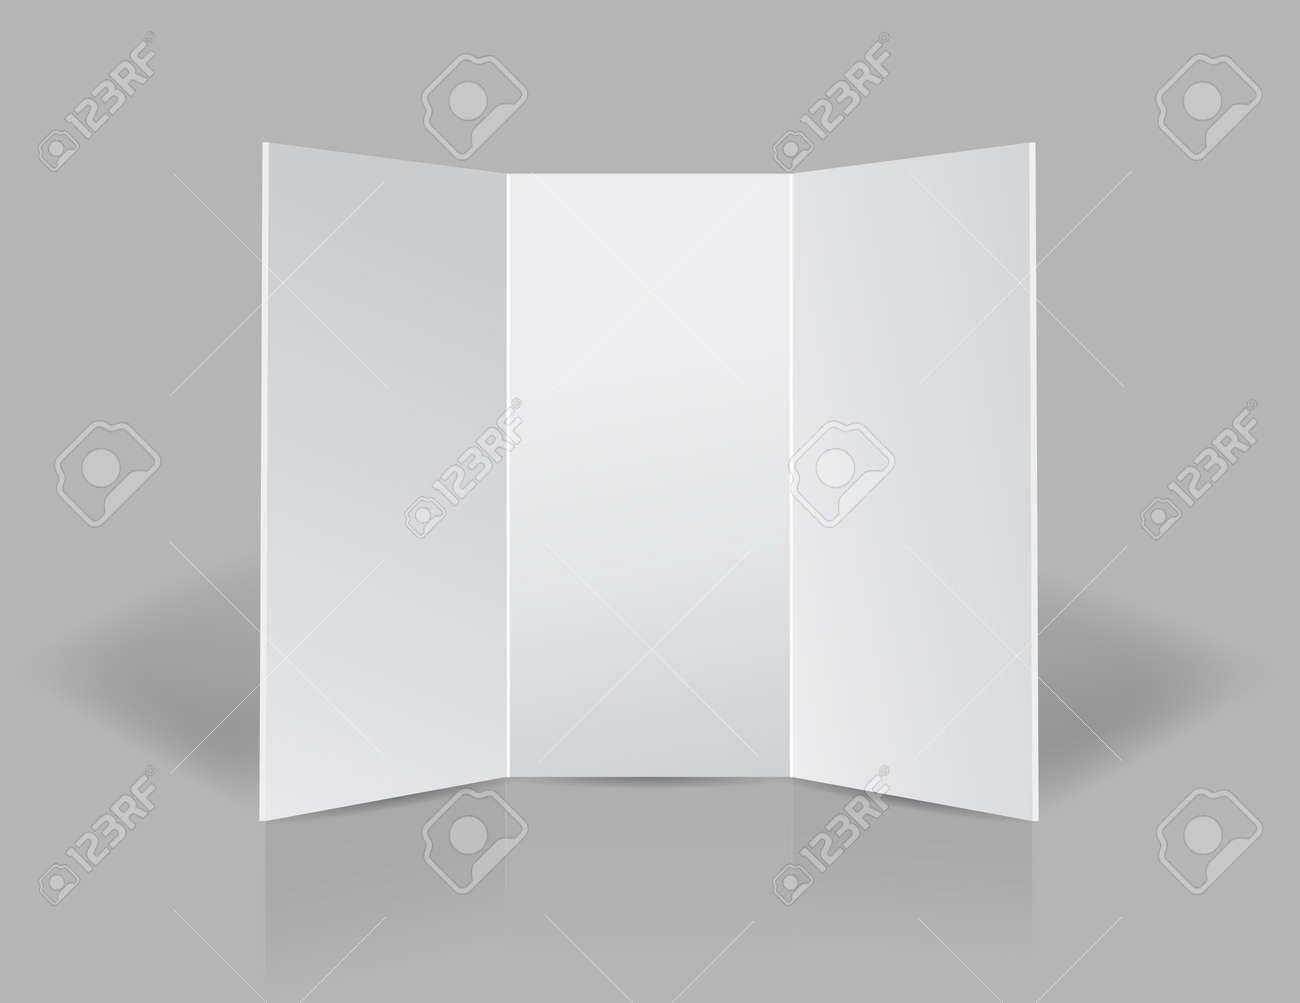 tri fold presentation blank leaflet illustration design over a grey background Stock Illustration - 17870856